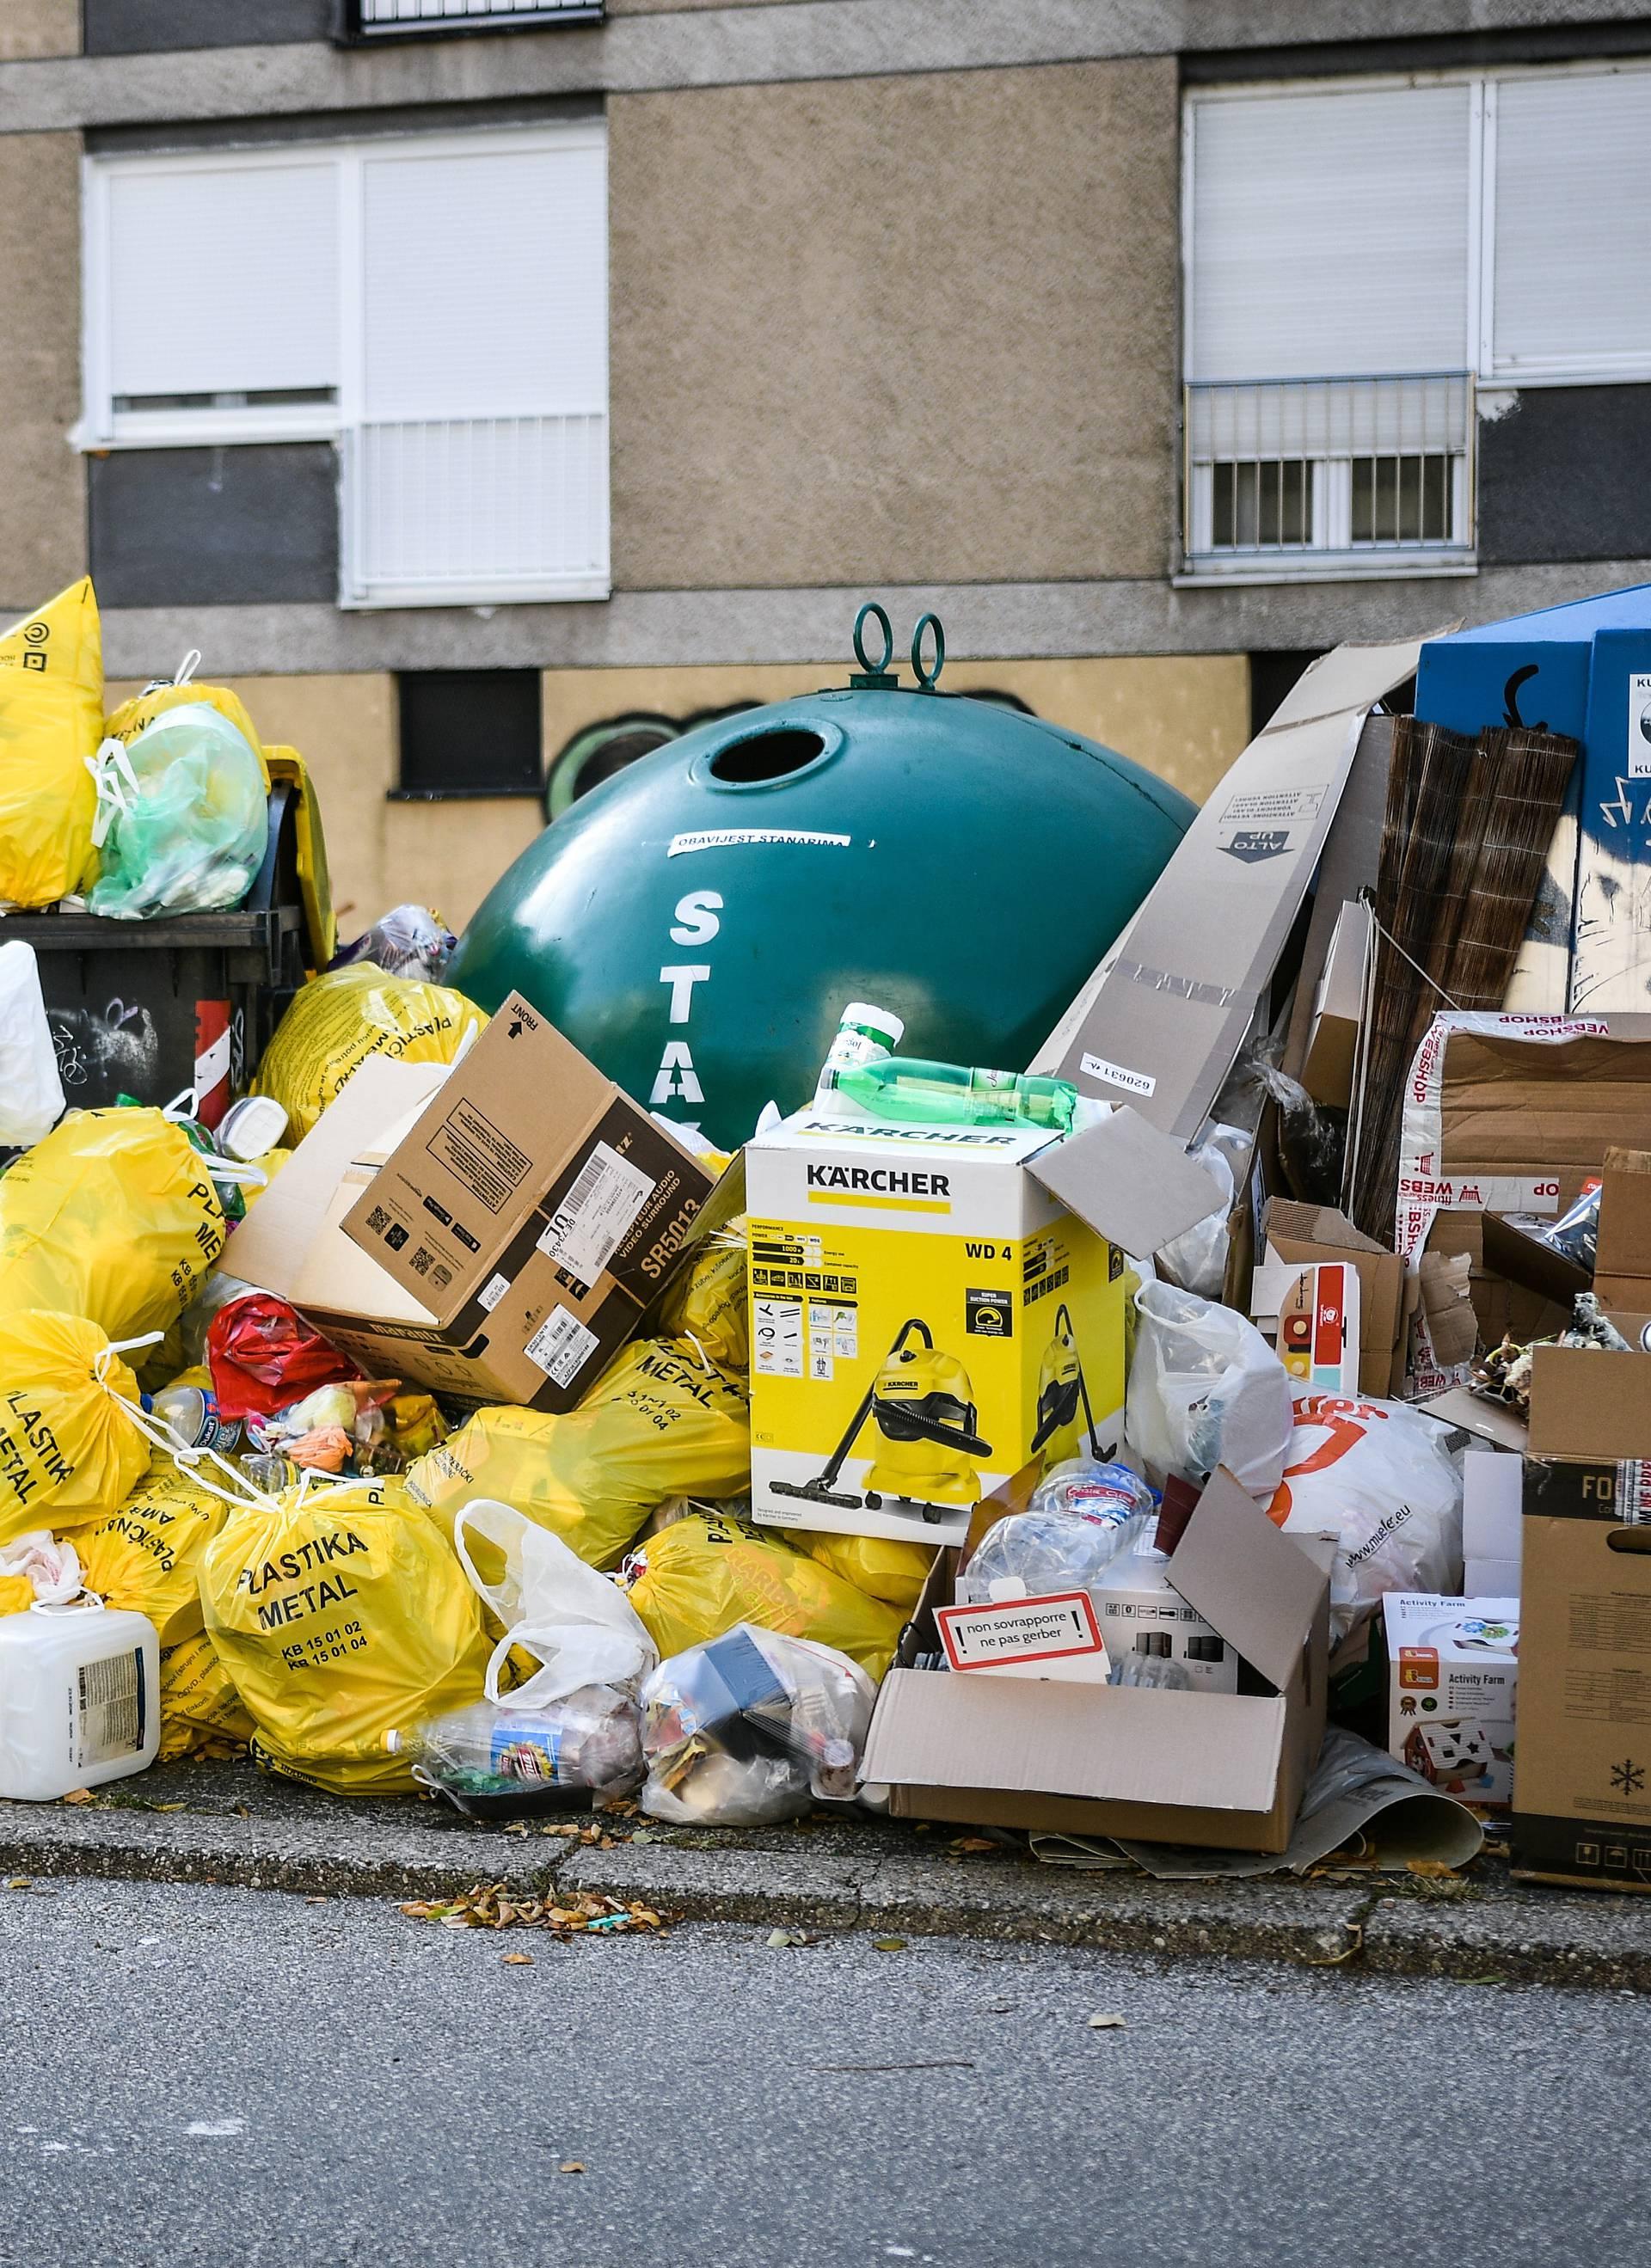 Smrdi, smrdi, užasno smrdi: U kontejnerima više nema mjesta